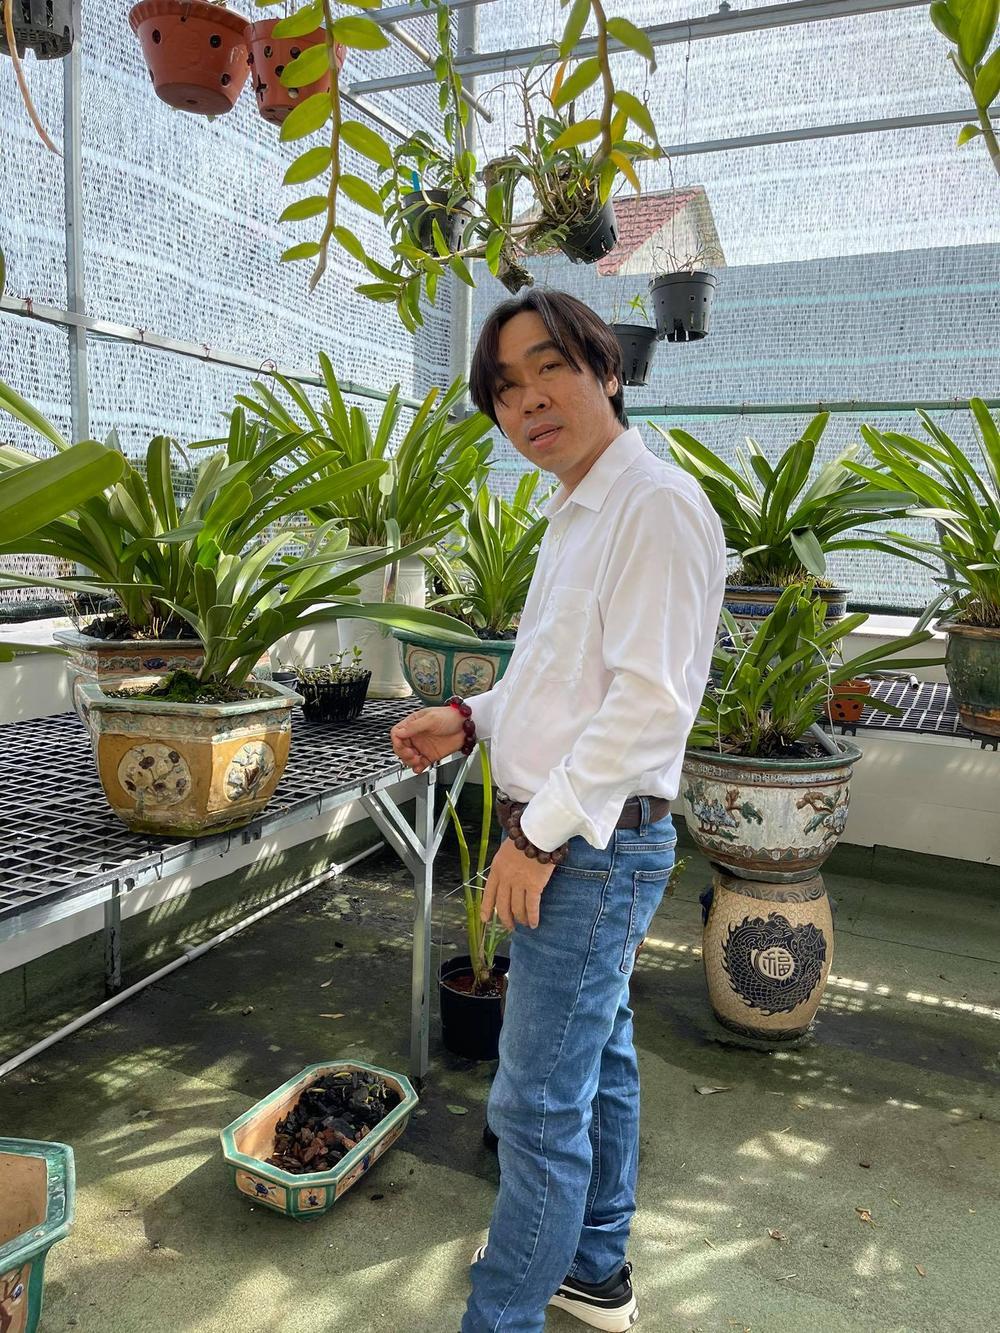 Ông chủ Nguyễn Huy Bình và vườn lan 'khủng' nhiều người ngưỡng mộ Ảnh 1